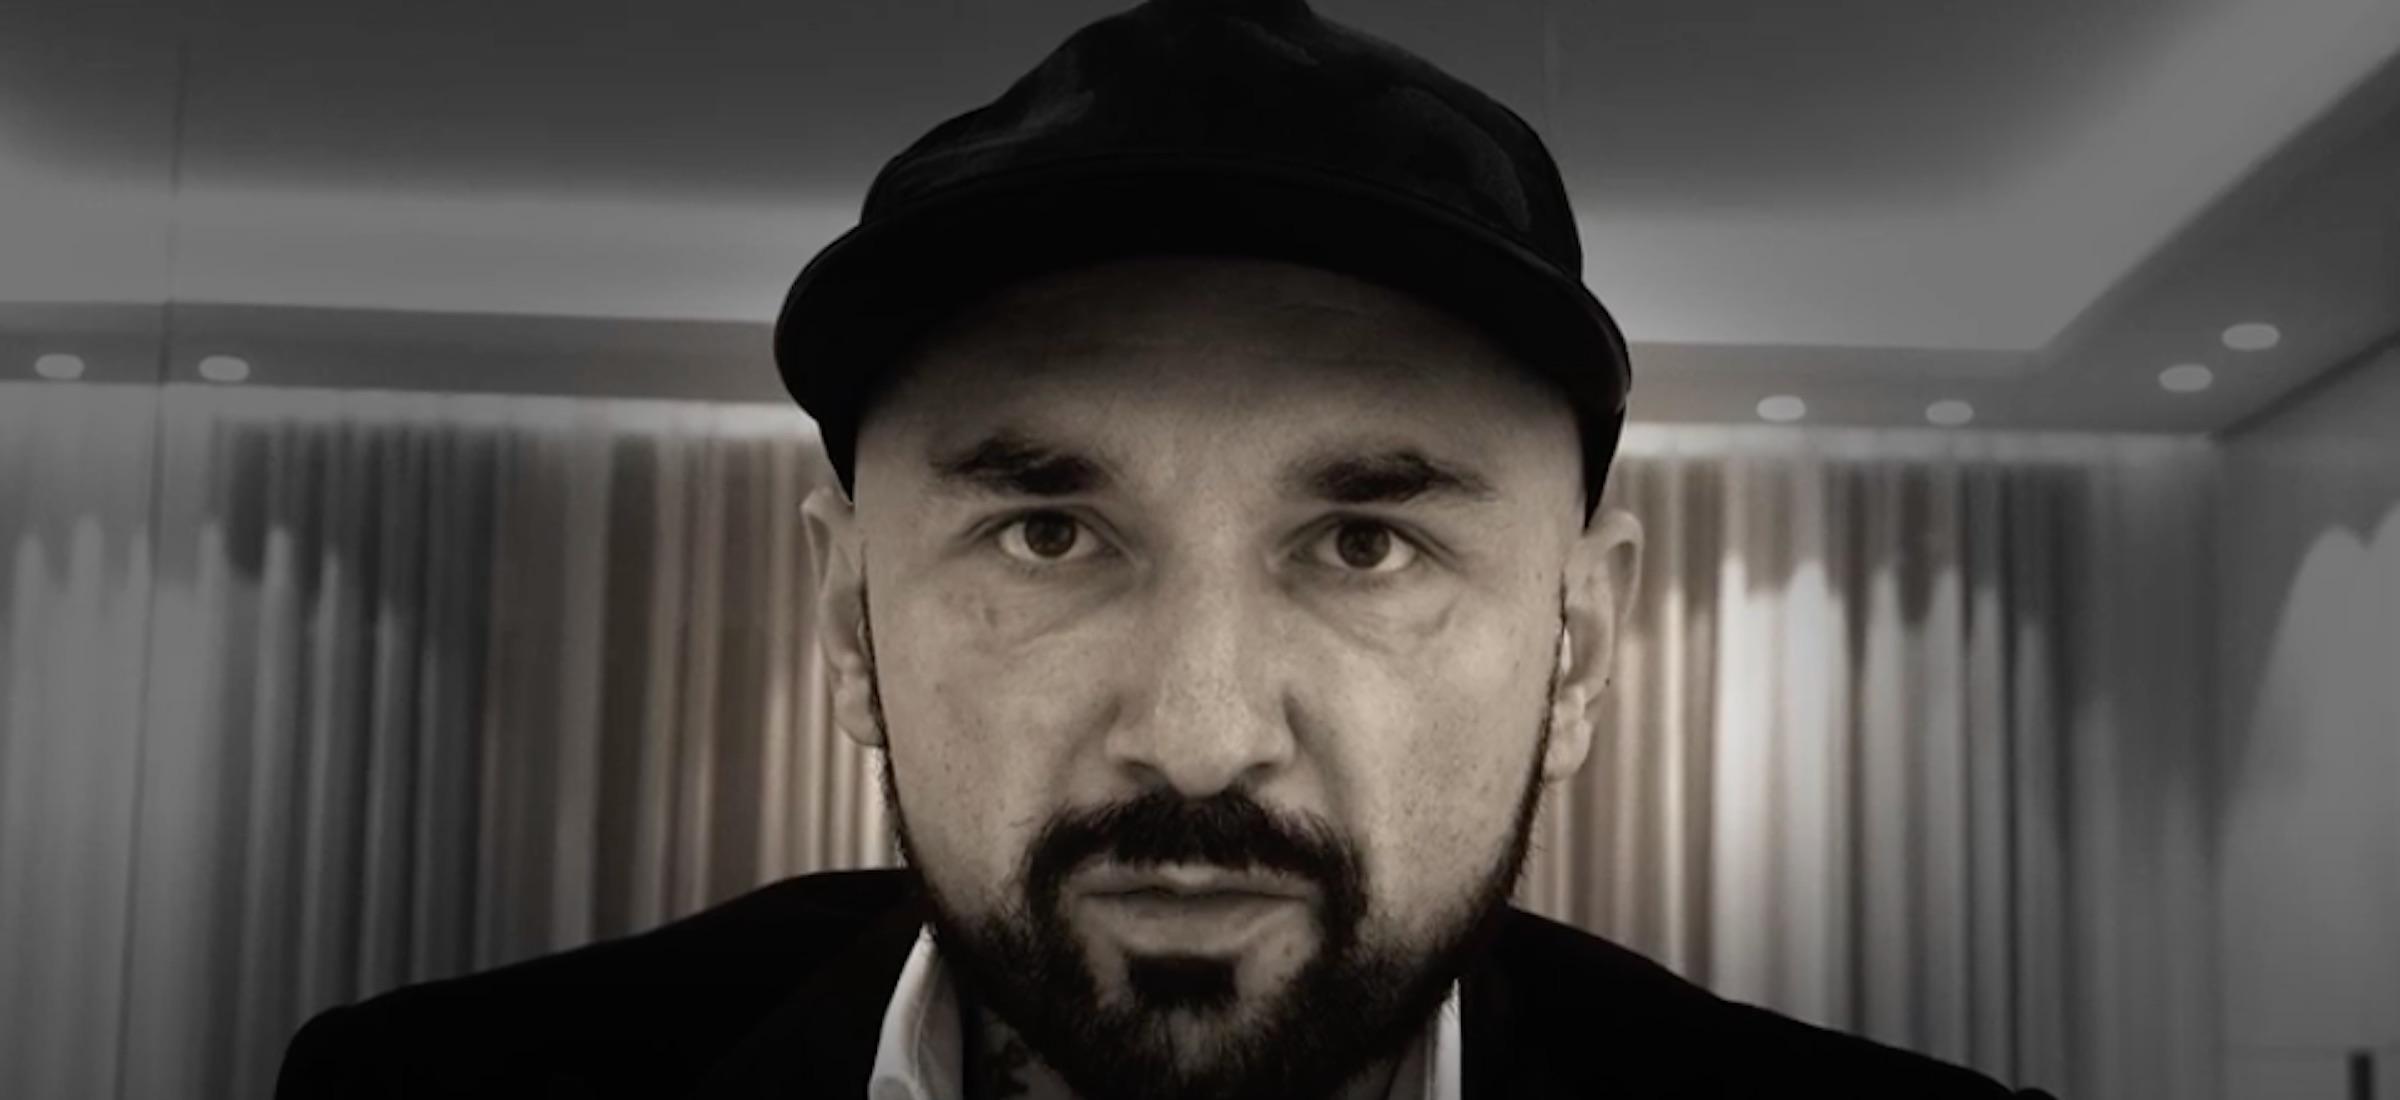 """Vega idzie w tanią sensację. Wypuścił wywiad z mężczyzną, z którego """"Cyganie zrobili męską prostytutkę"""""""